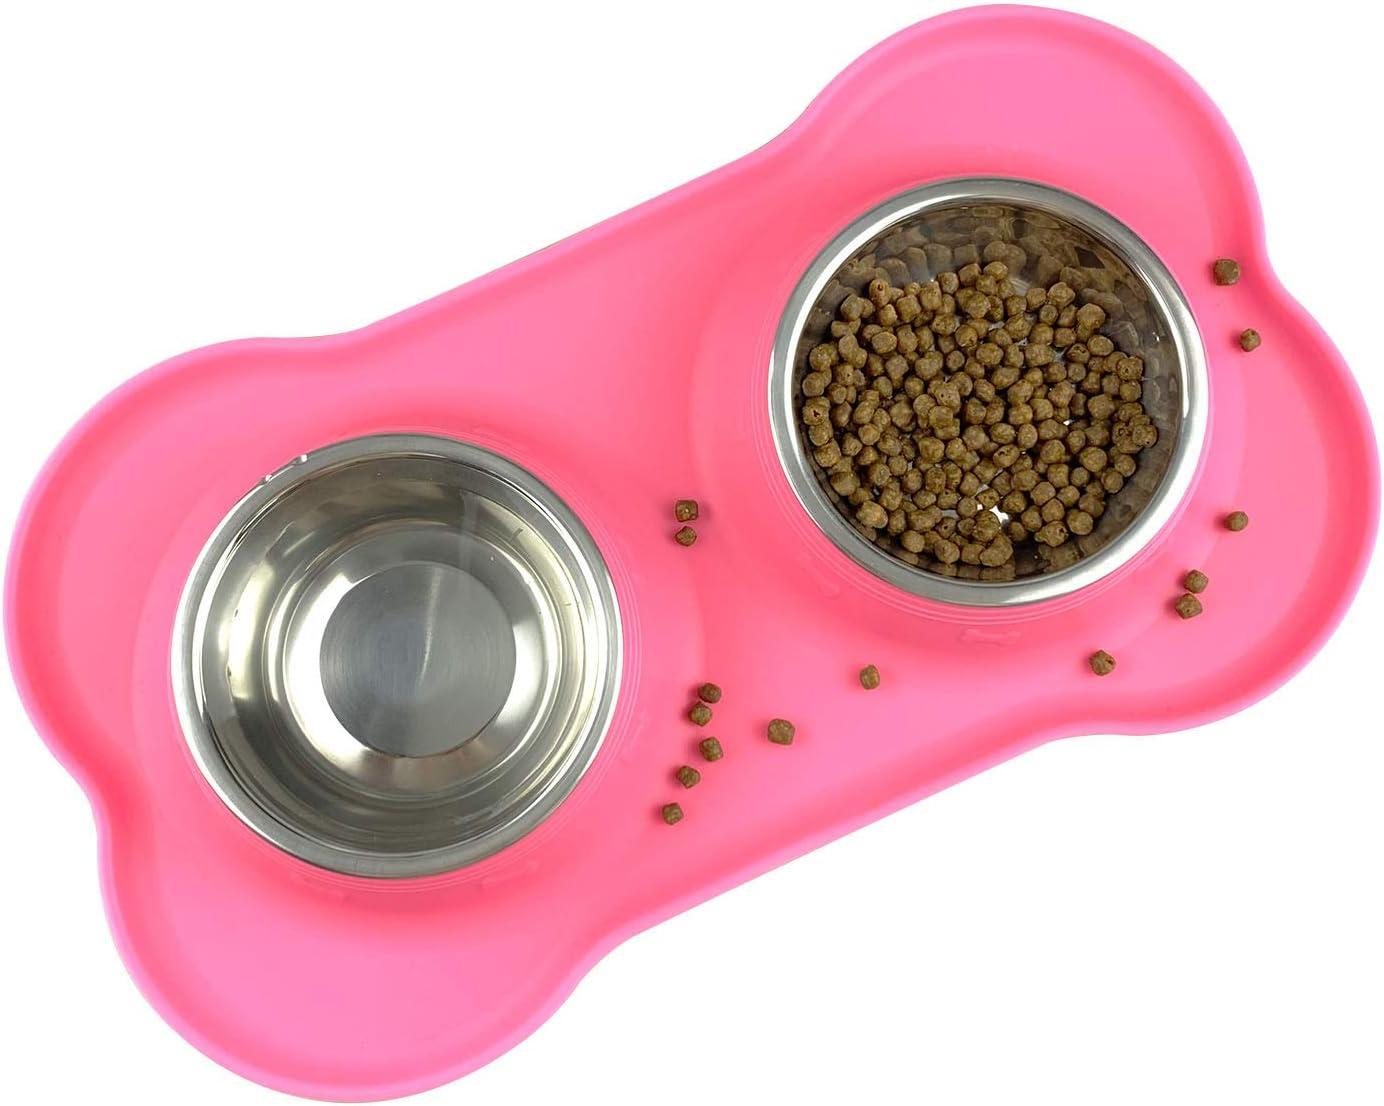 Comedero para Perros y Gato Acero Inoxidable 2x200ML,2 Cuencos Comedero para Mascotas con Base de Silicona Antideslizante(rosa)